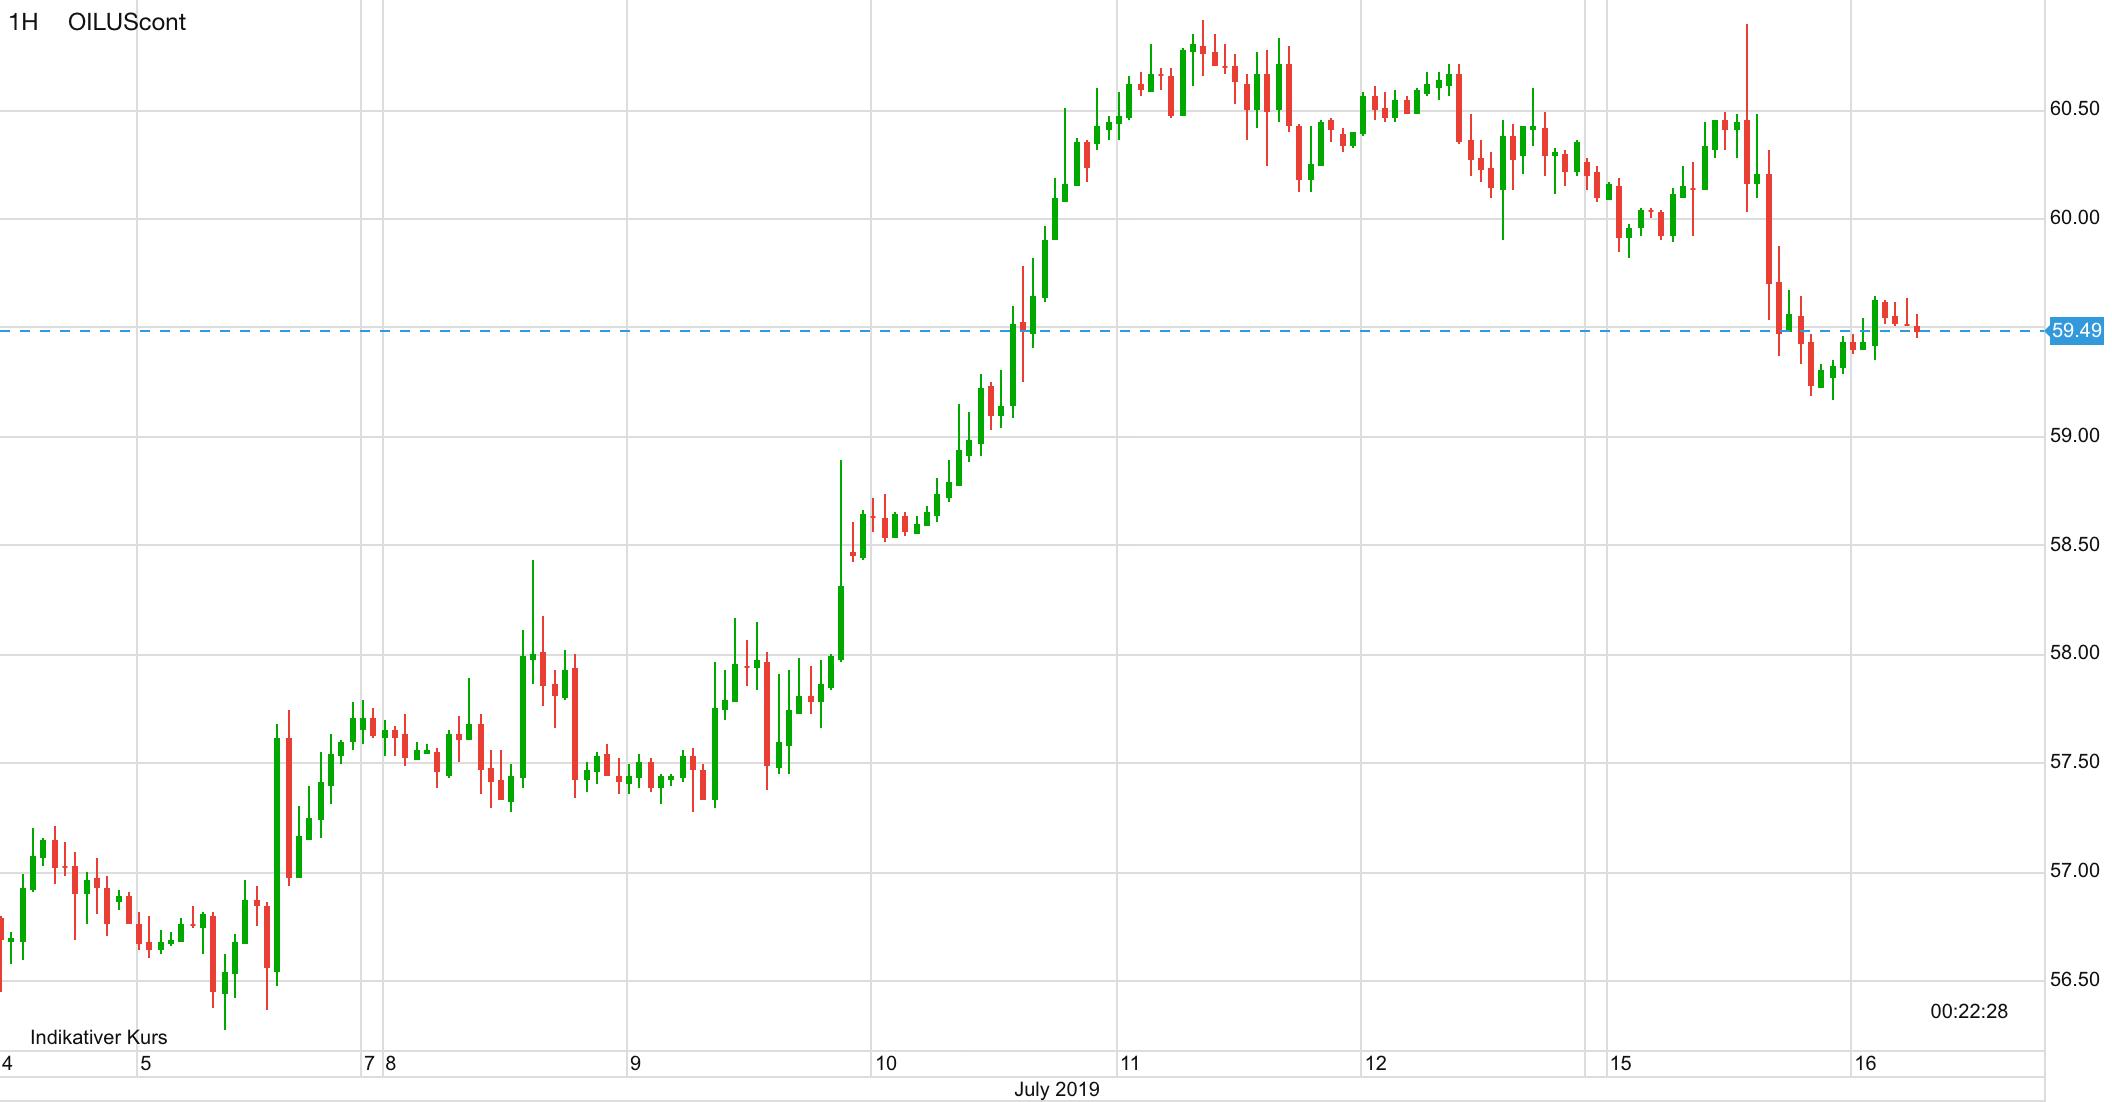 Ölpreis Verlauf in den letzten Tagen